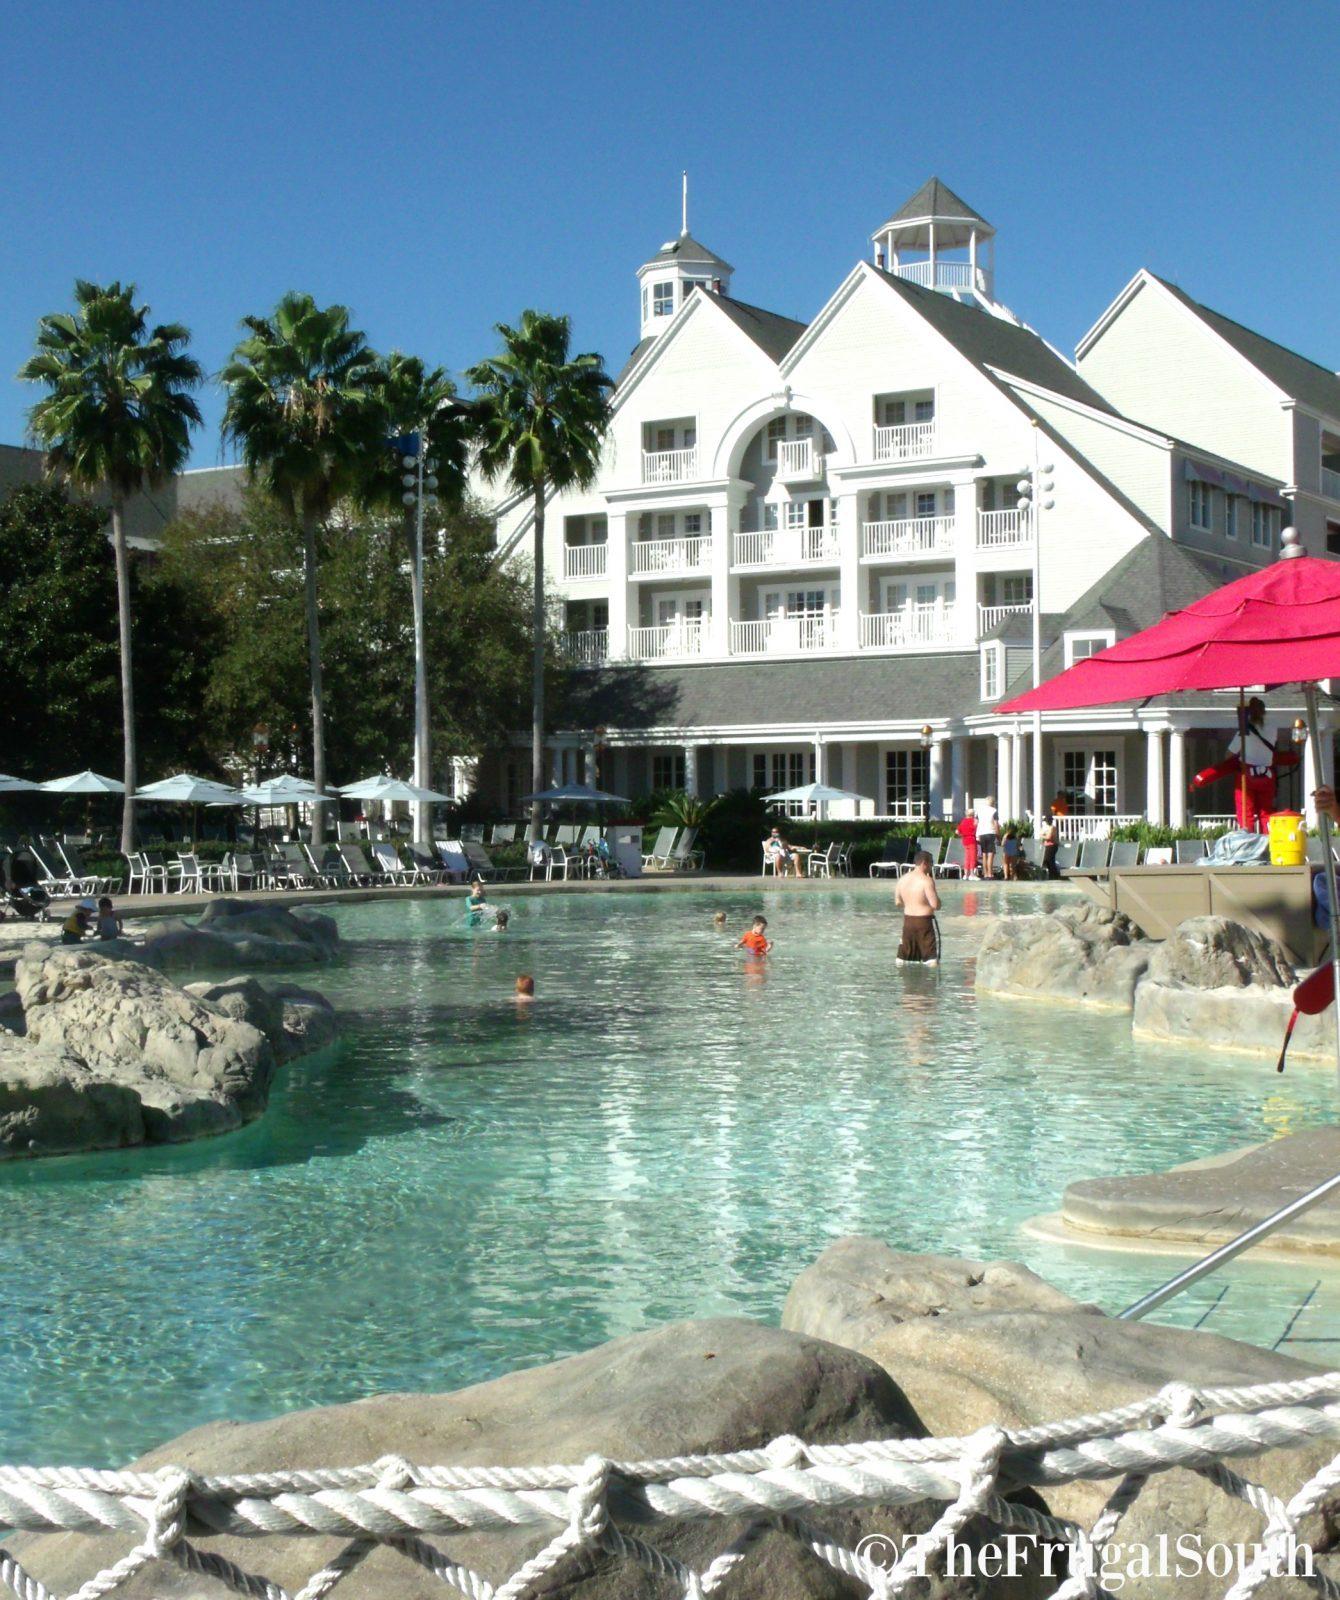 Caribbean Beach Resort and Pool